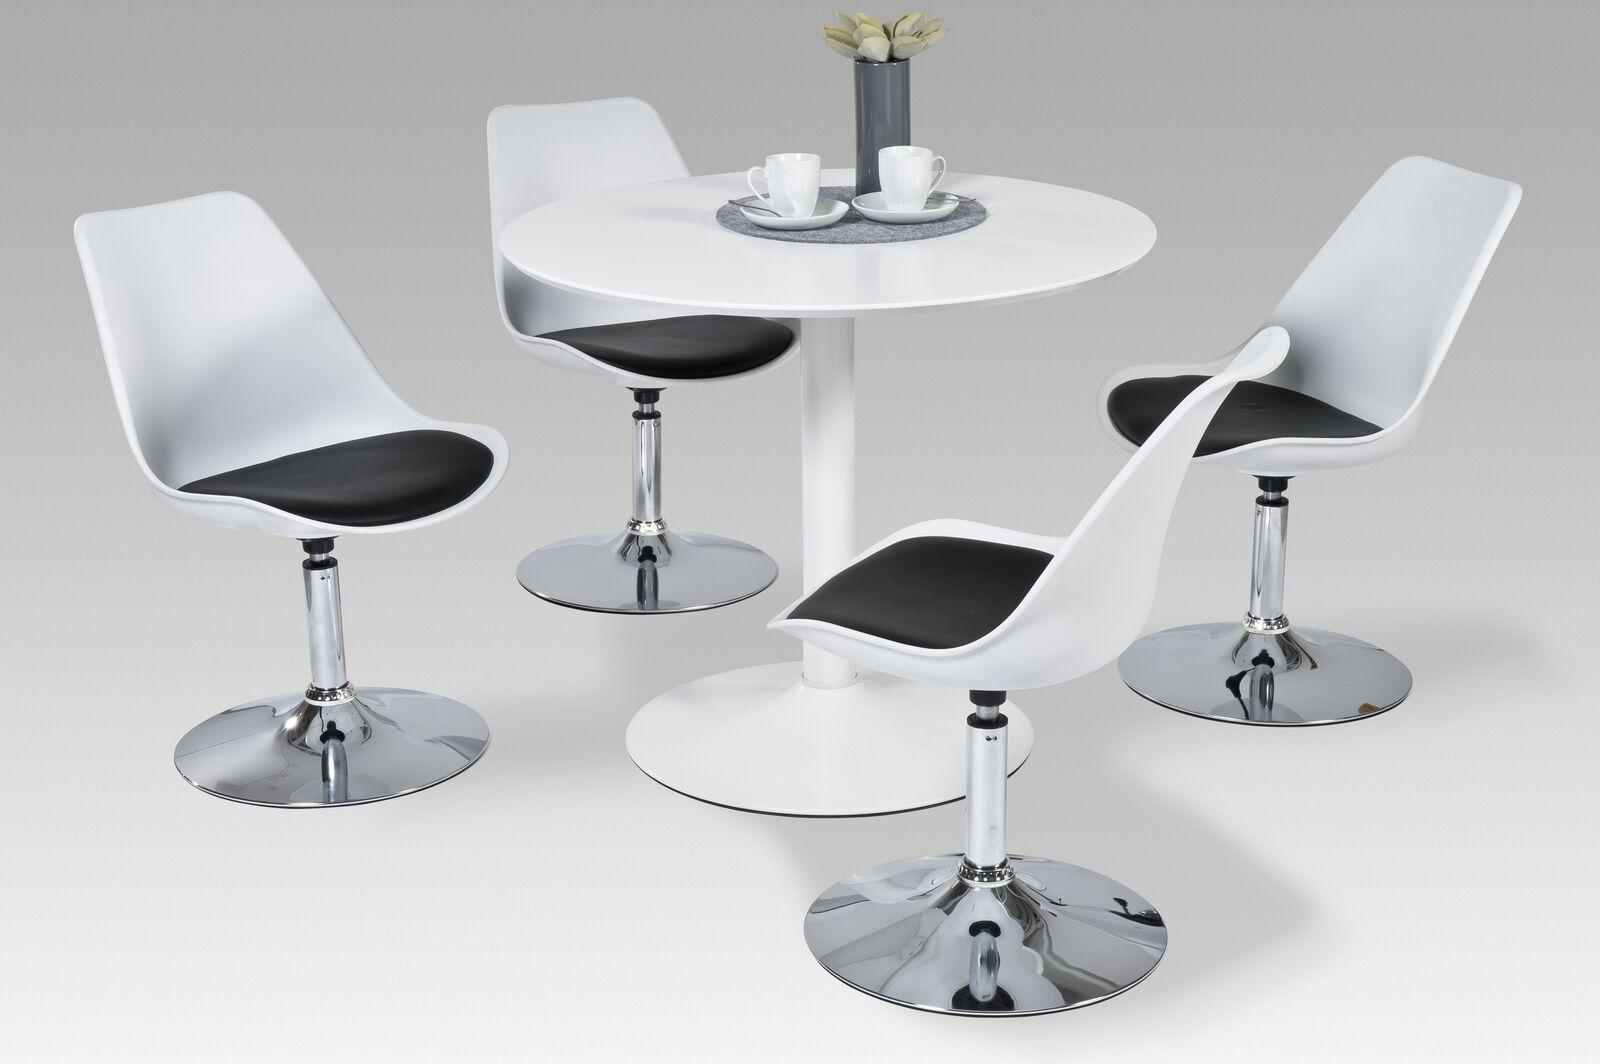 Esstisch modern rund  Esstisch Esszimmertisch Küchentisch Tisch Hochglanz weiss weiß rund modern